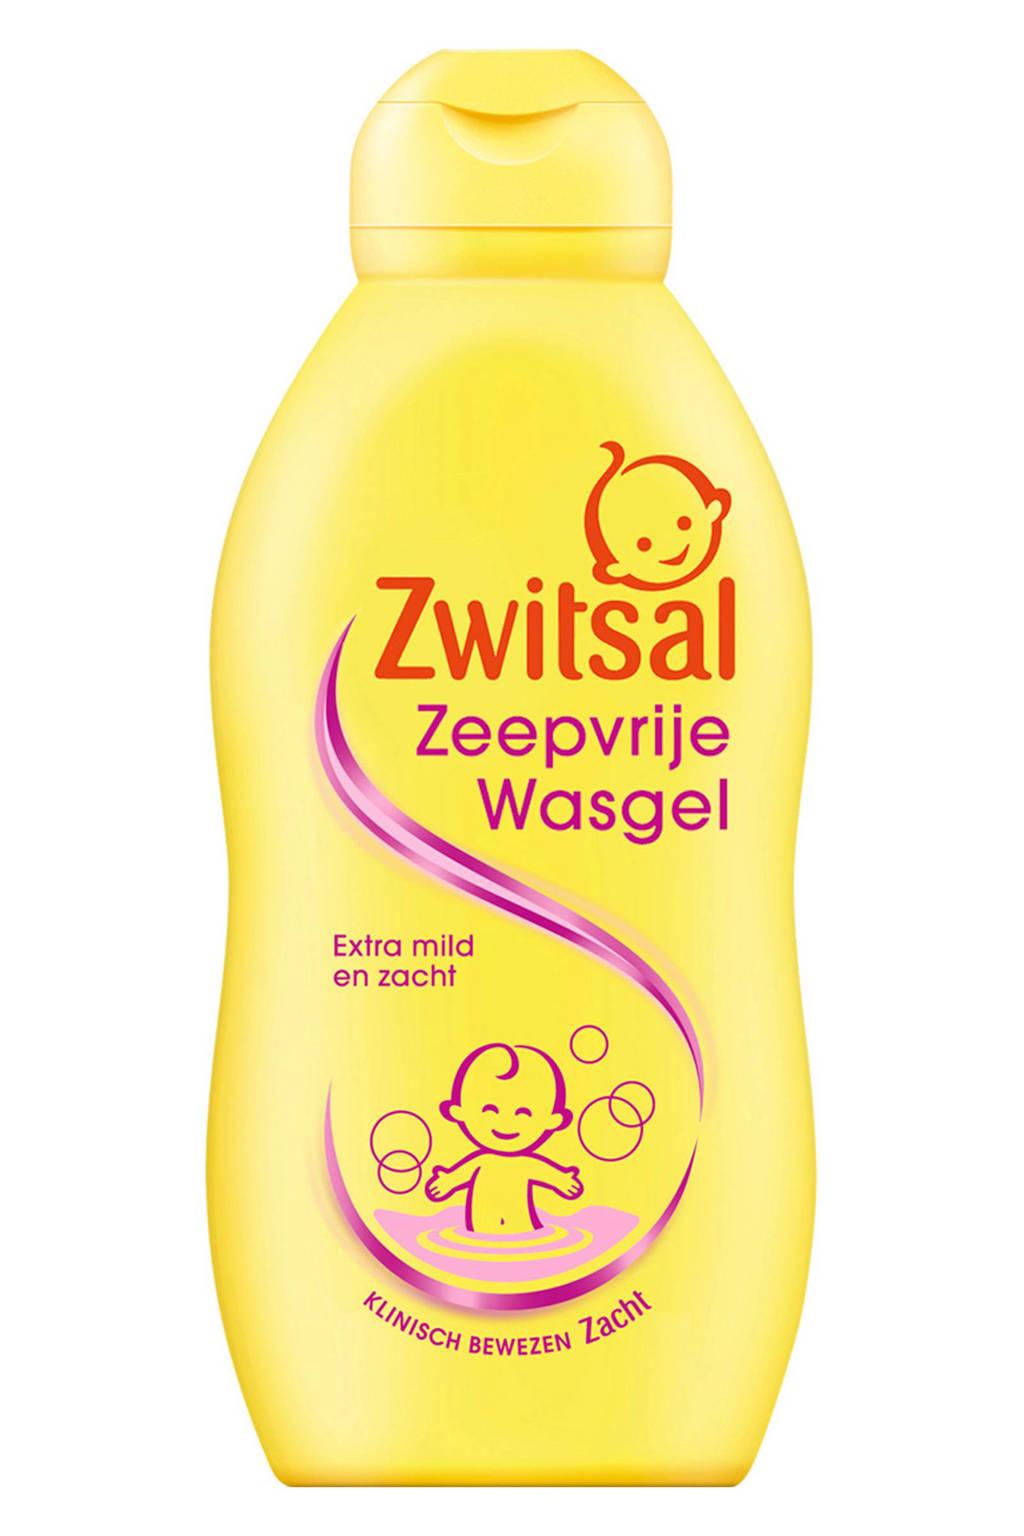 Zwitsal zeepvrije wasgel - 200 ml - baby